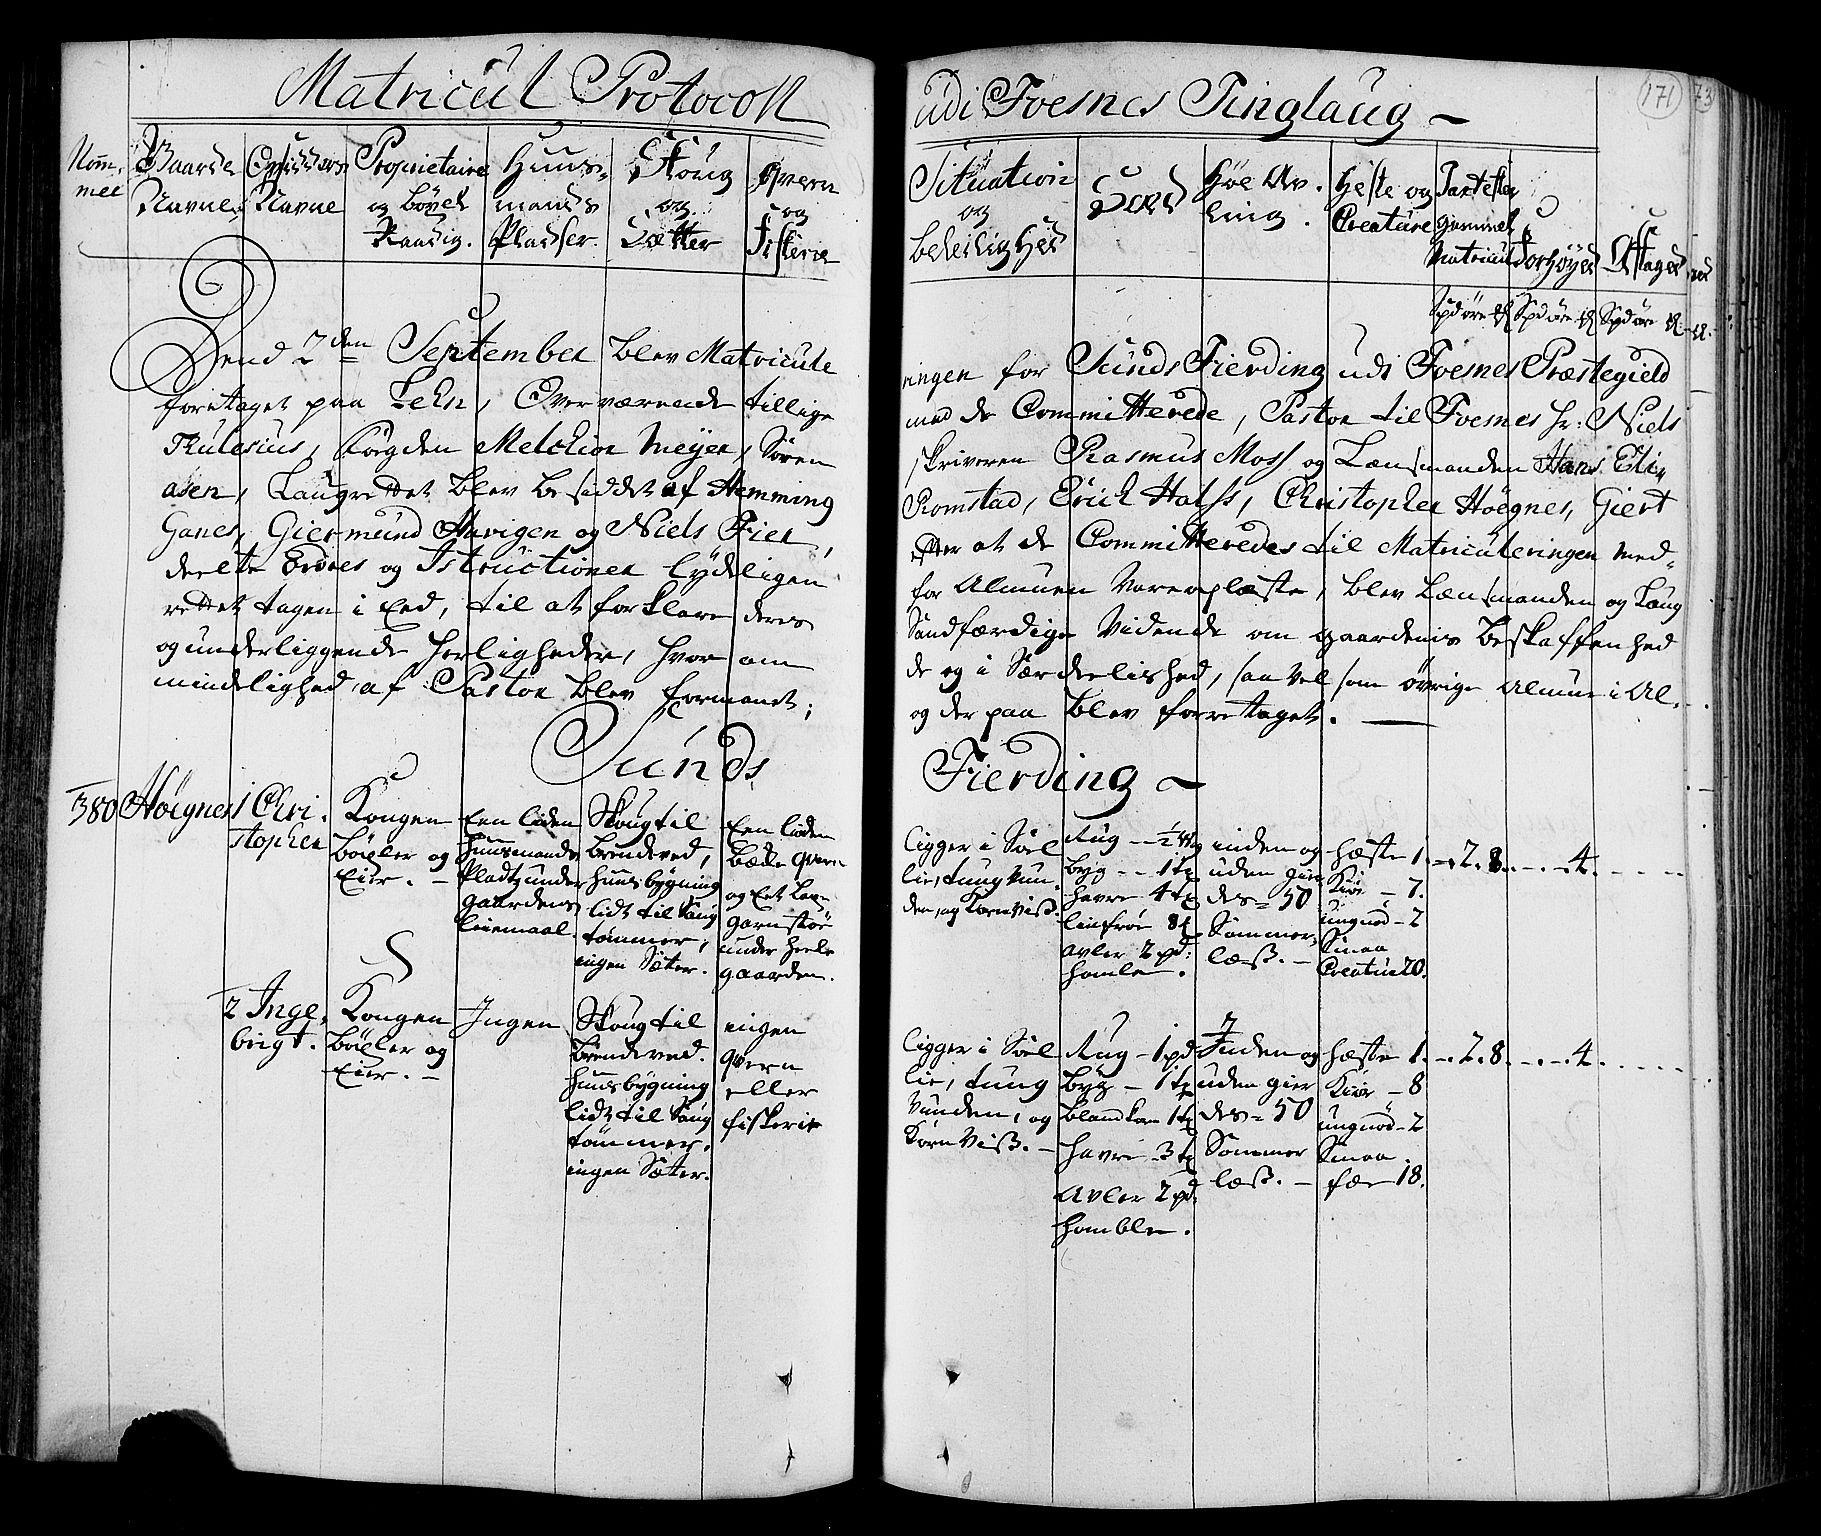 RA, Rentekammeret inntil 1814, Realistisk ordnet avdeling, N/Nb/Nbf/L0168: Namdalen eksaminasjonsprotokoll, 1723, s. 170b-171a